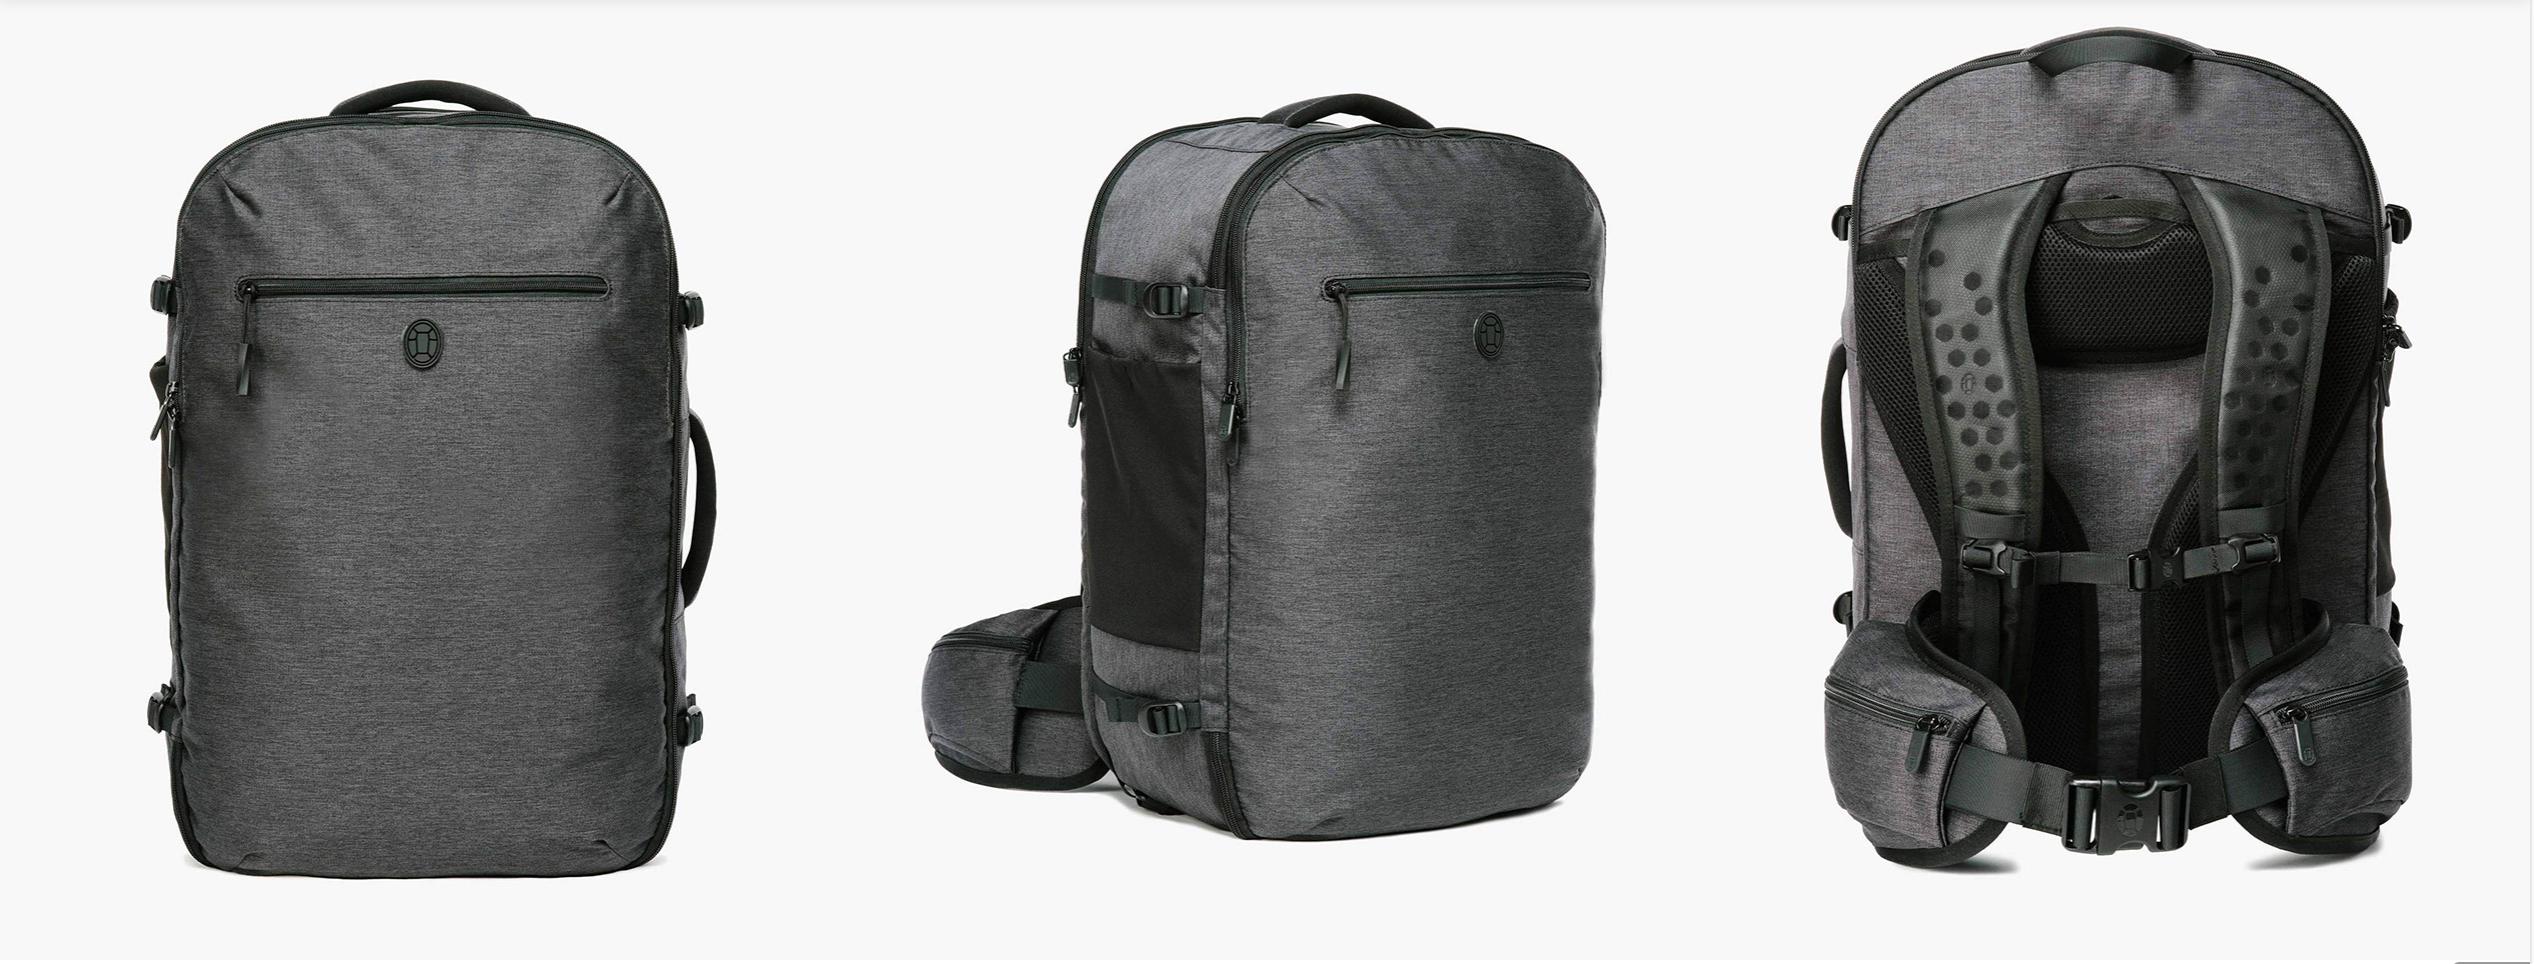 Setout Backpack